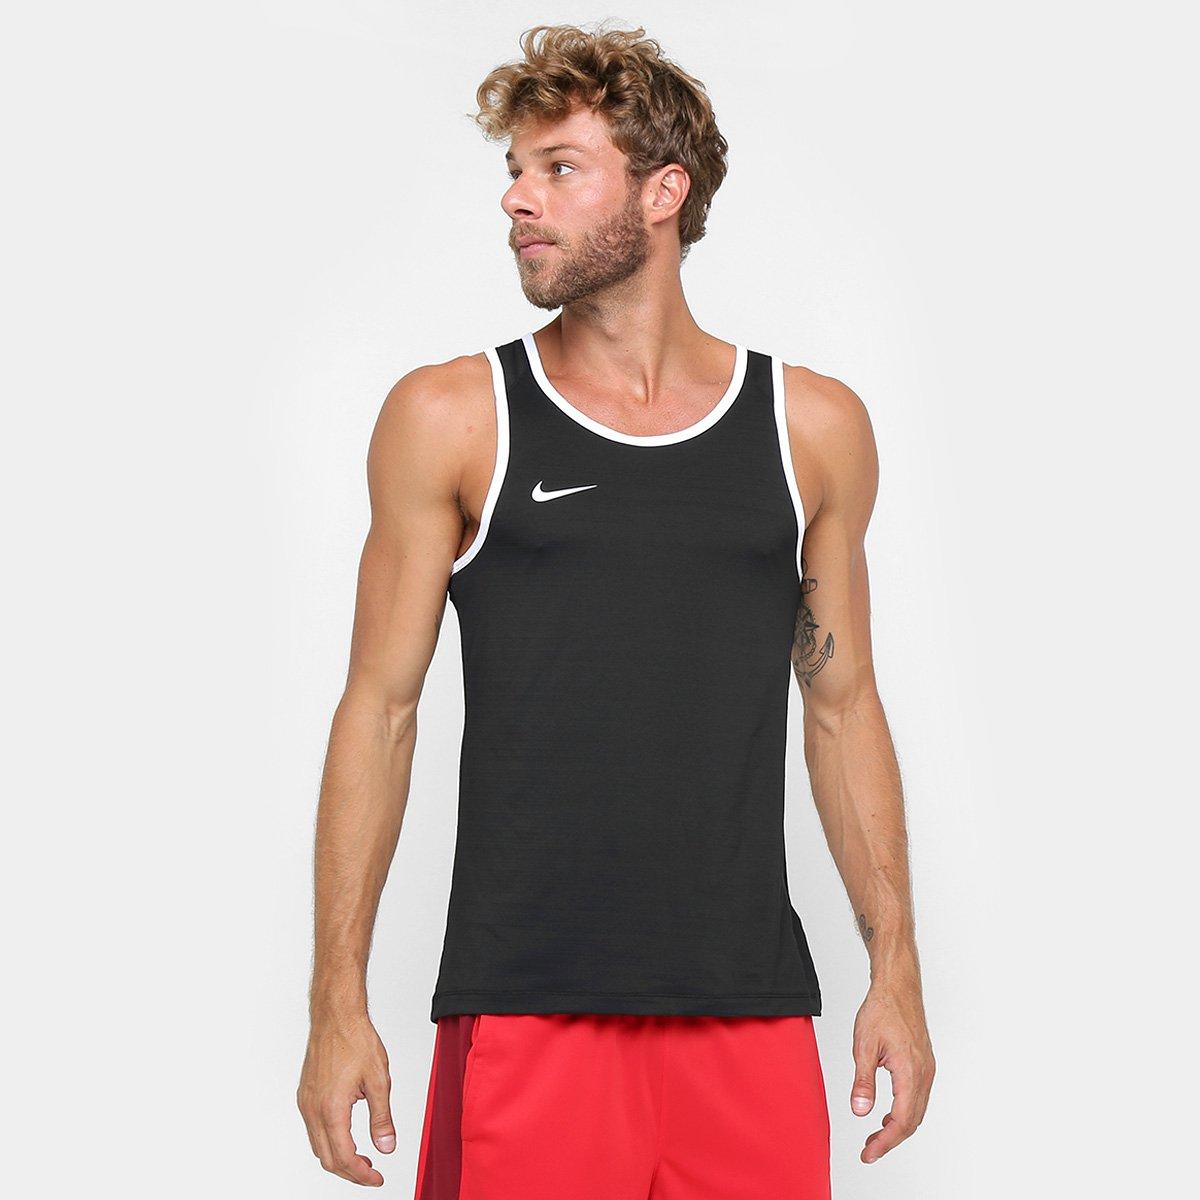 Camiseta Regata Nike SL Crossover 8fd453a4efa5e